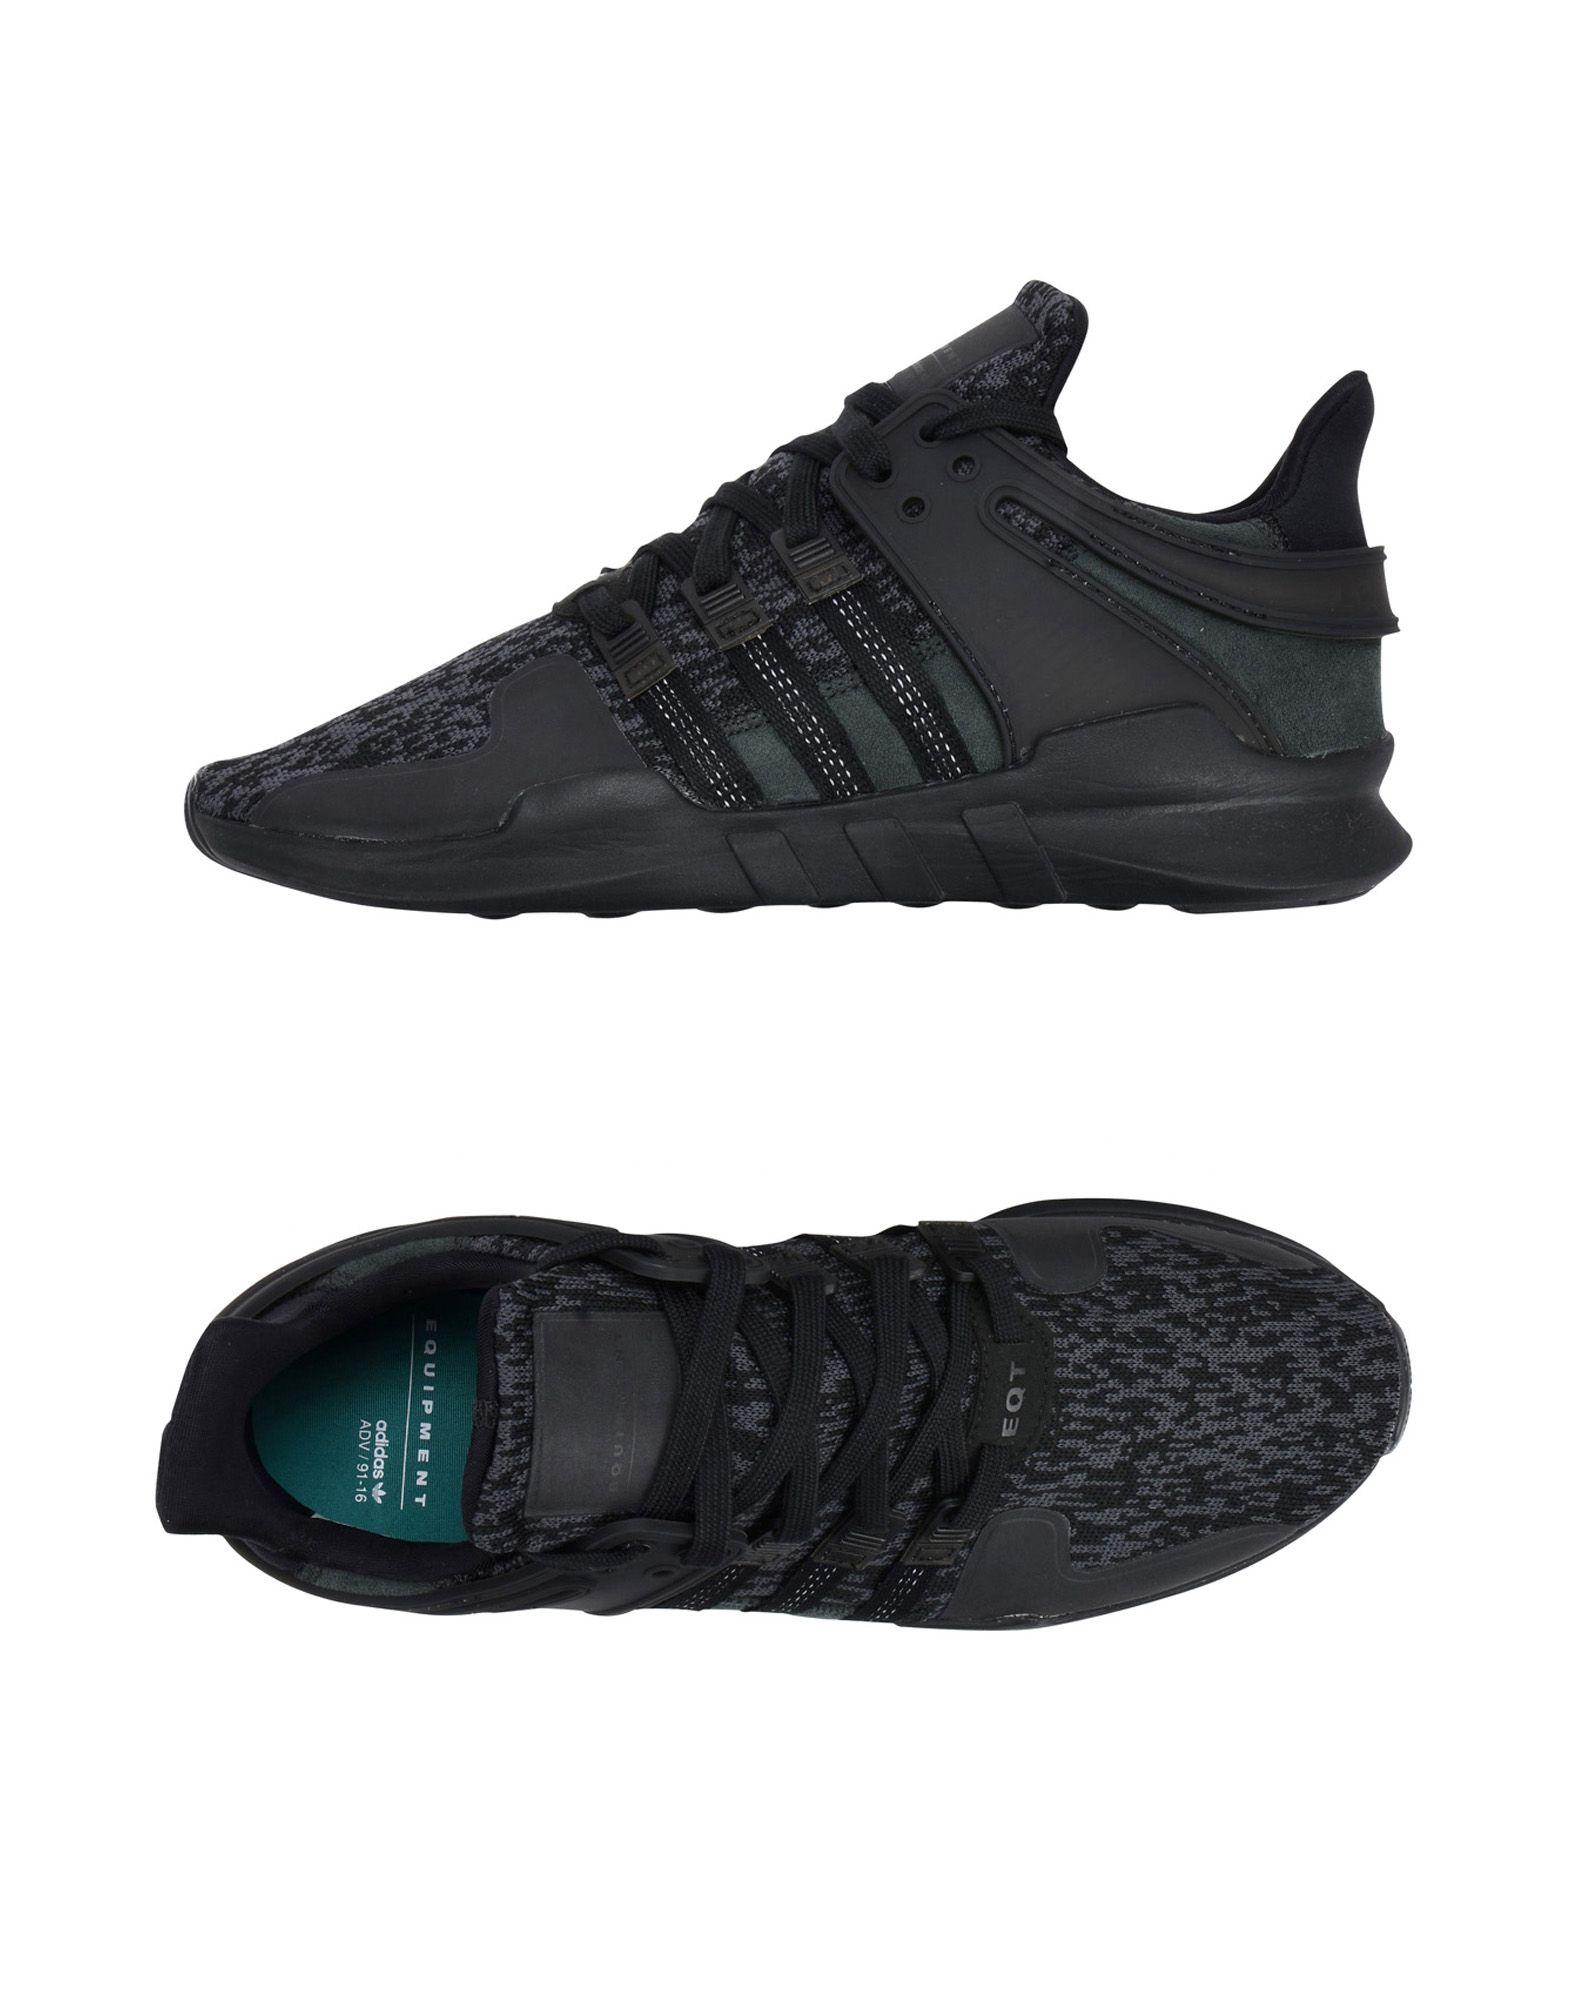 Adidas Eqt Adv Baskets Support Originals Homme Les awTBqRBx